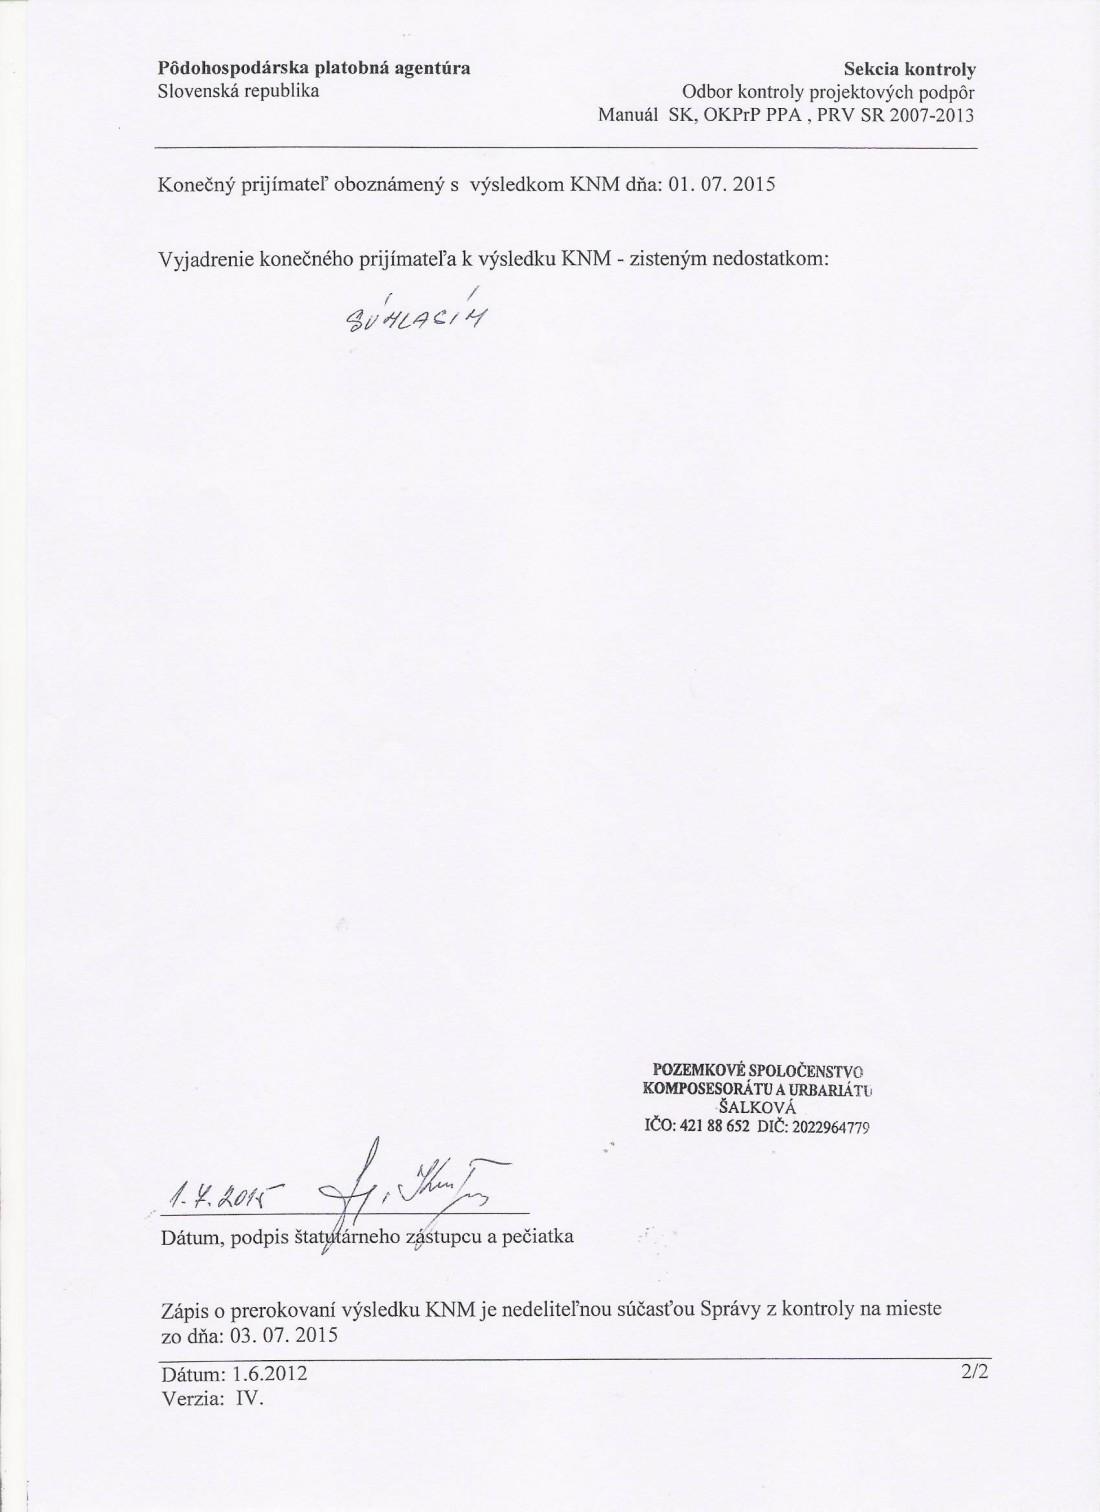 30.6.2015 Zápis z výsledku kontroly Projekt č. 1.4 - auto, strana č. 2